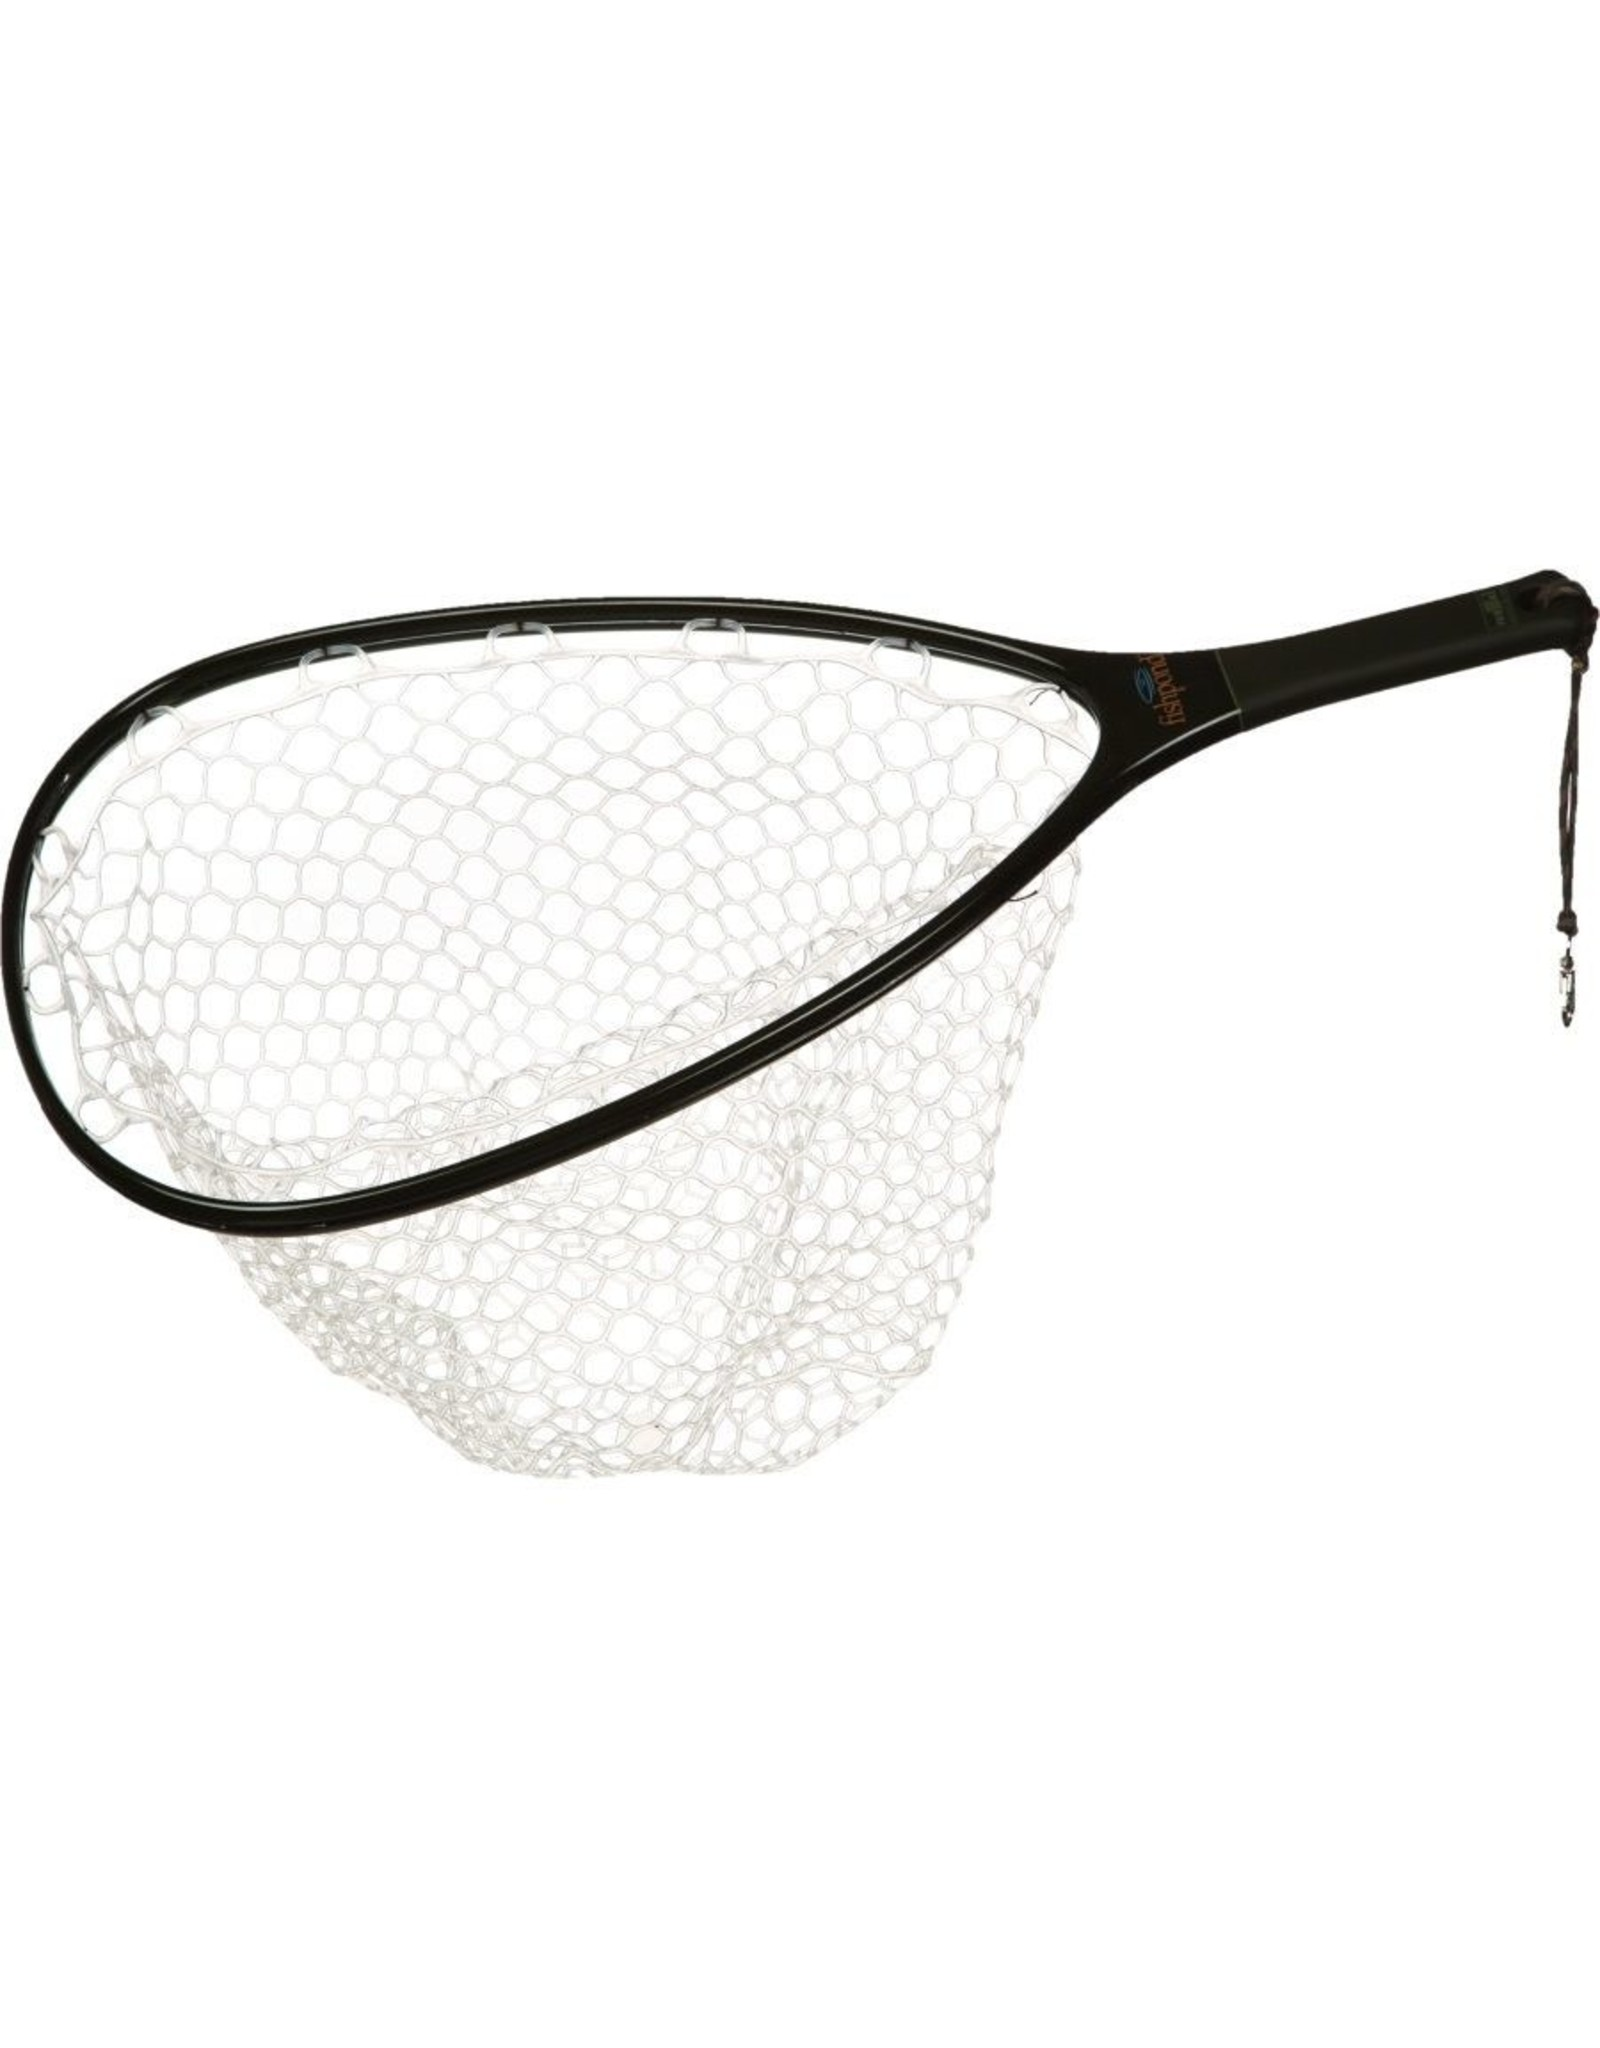 Fishpond Fishpond Nomad Hand Net Original